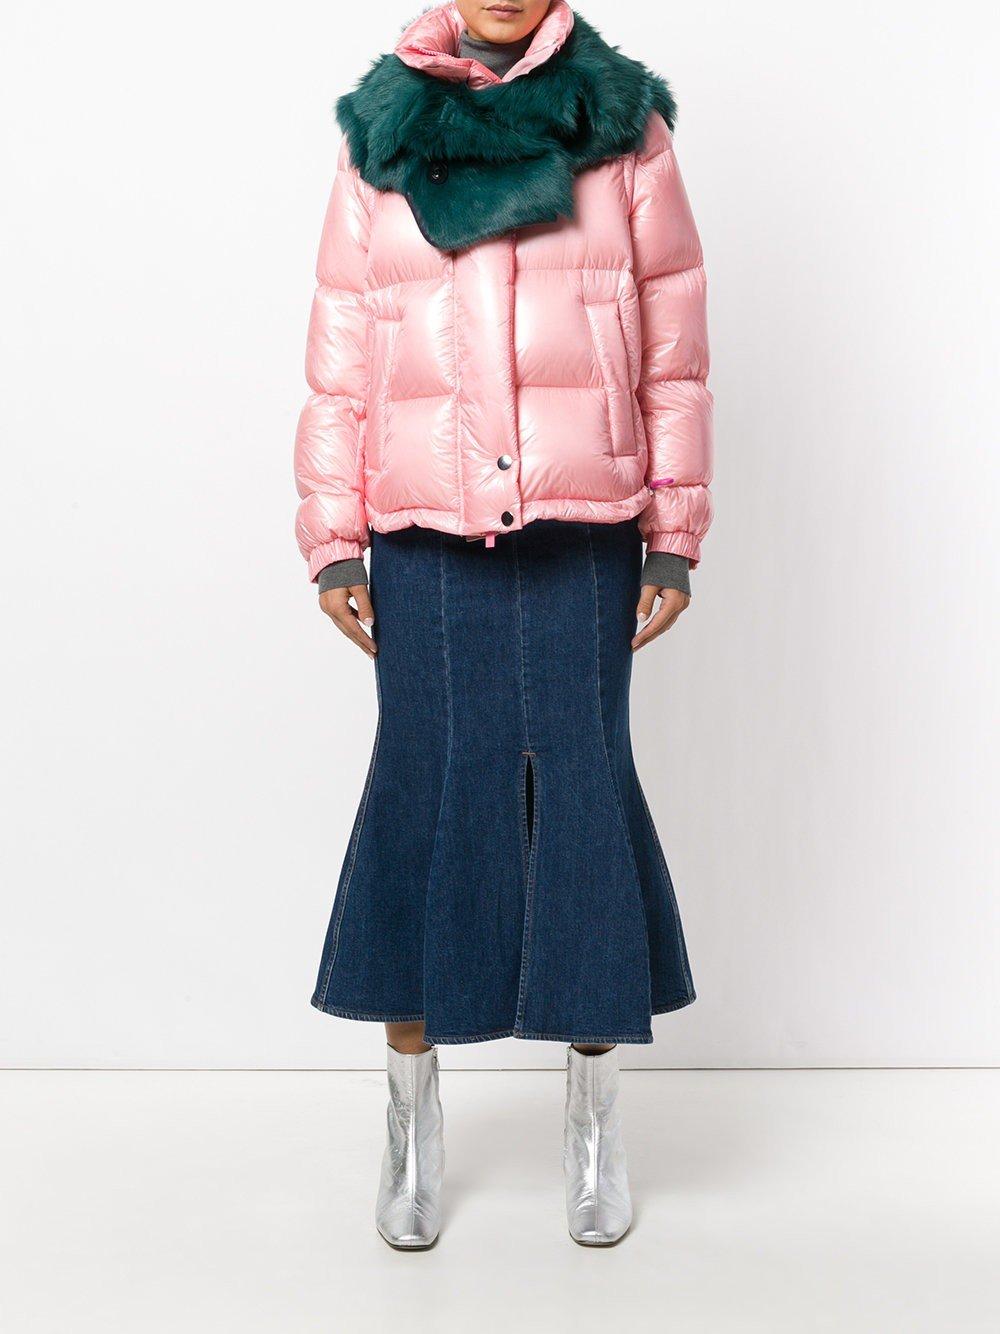 9ffb7de01af Модные женские куртки на синтепоне весна 2019 фото новинки